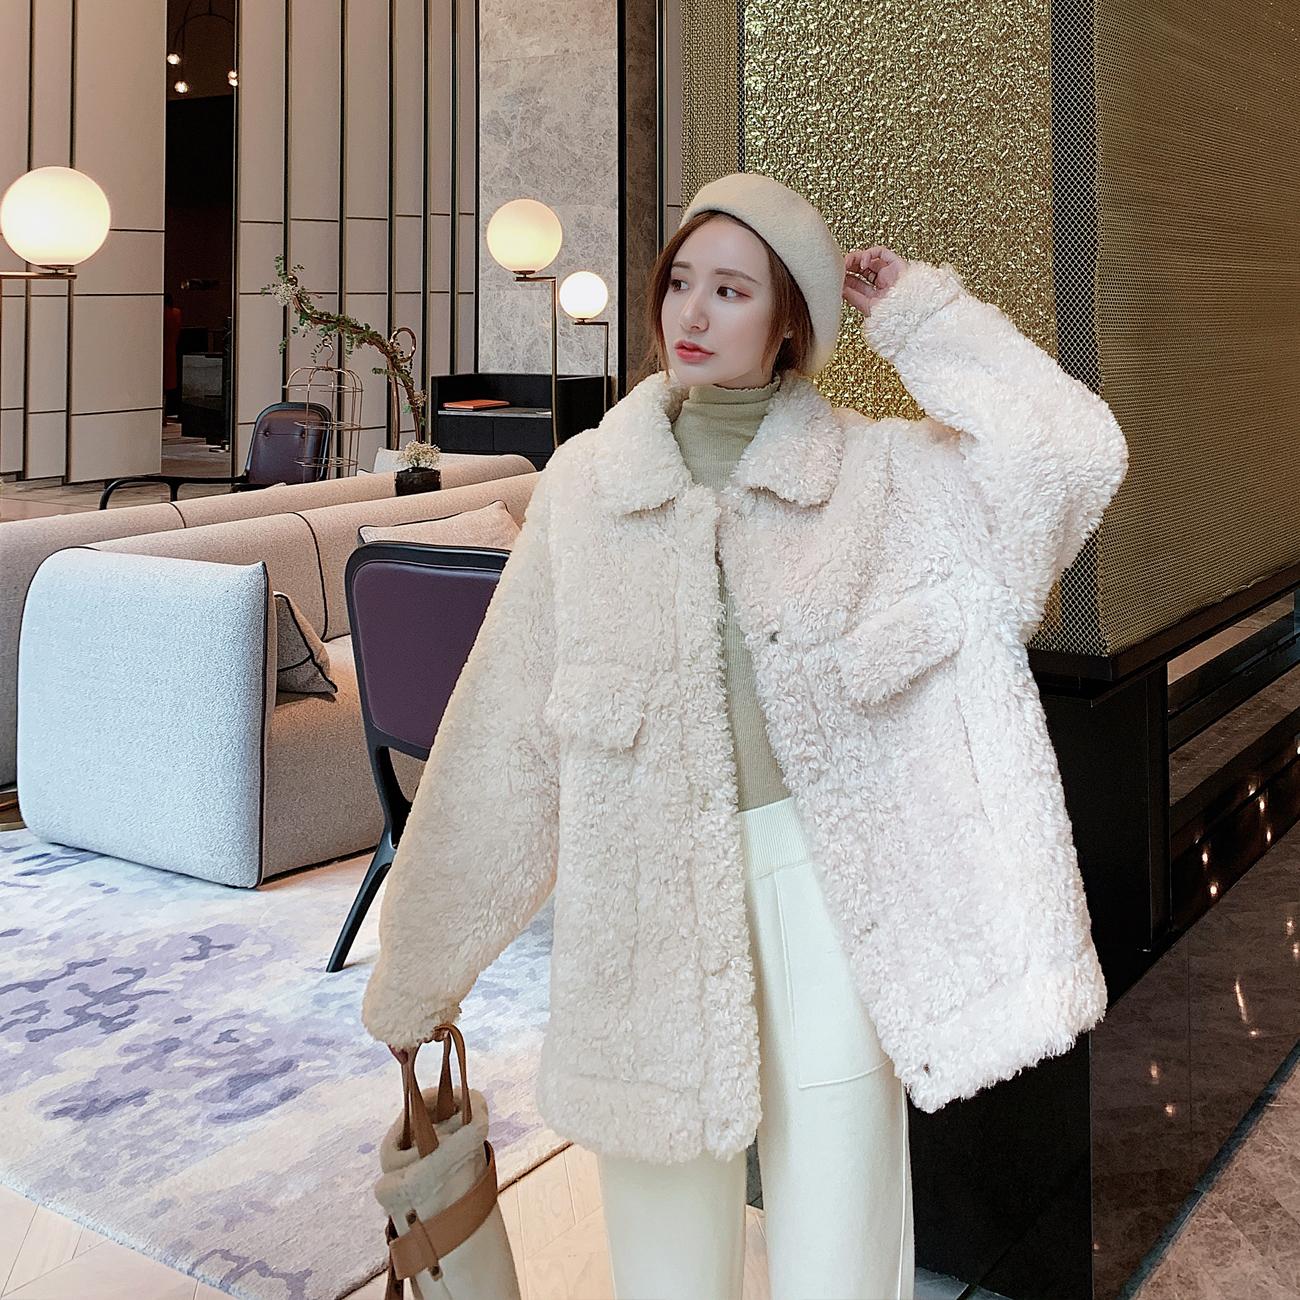 羊羔毛外套女2019年流行冬季新款韩版宽松短款加厚颗粒羊羔绒上衣